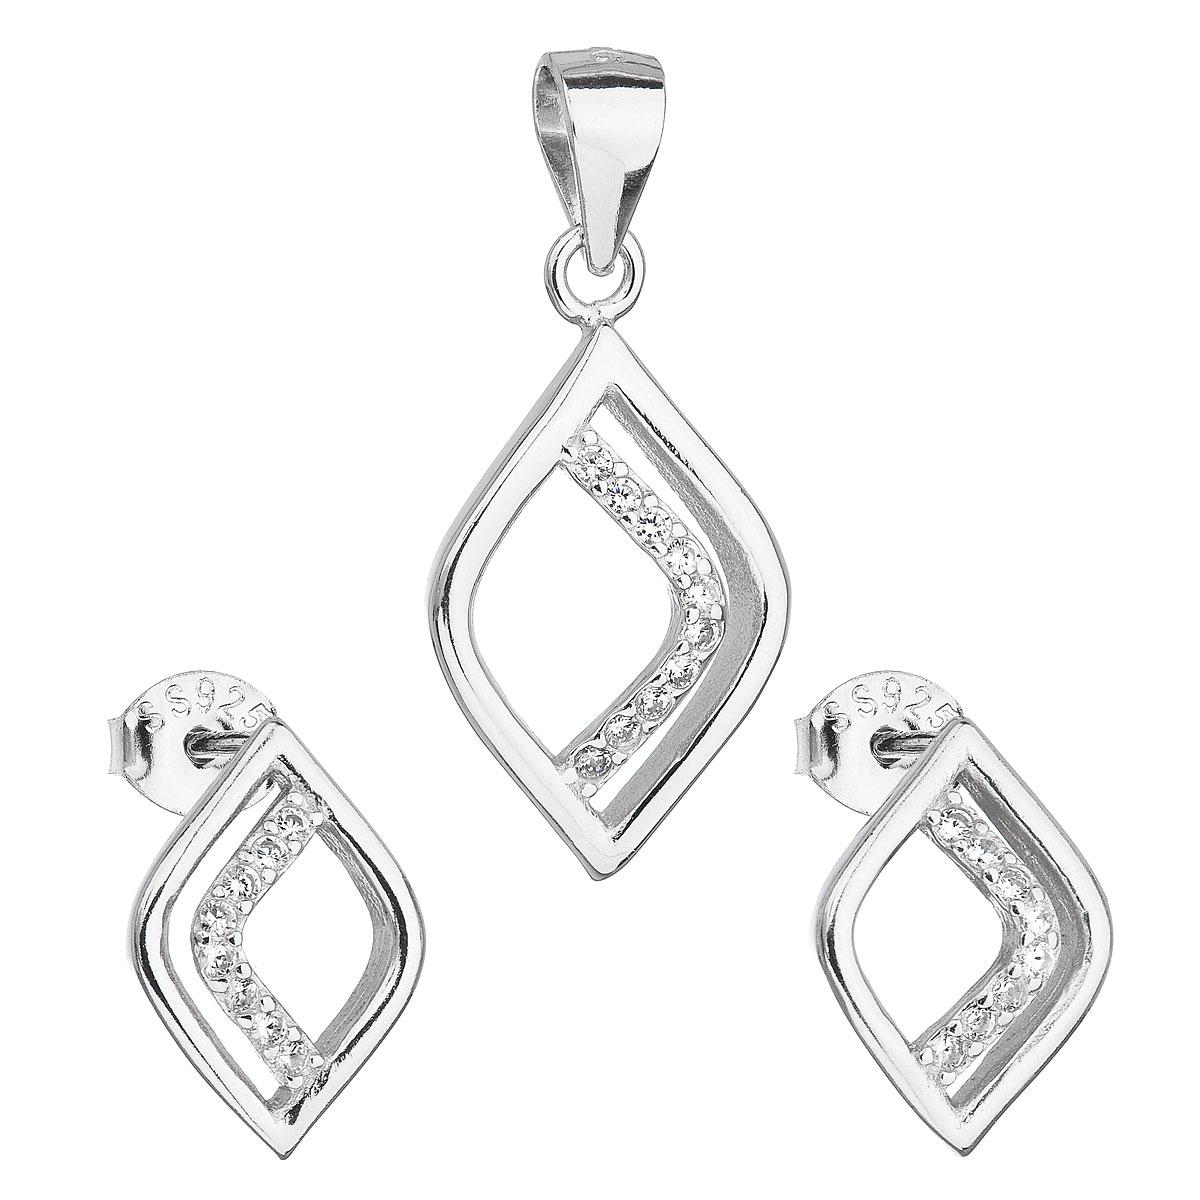 Evolution Group Sada šperků se zirkonem v bílé barvě náušnice a přívěsek 19014.1